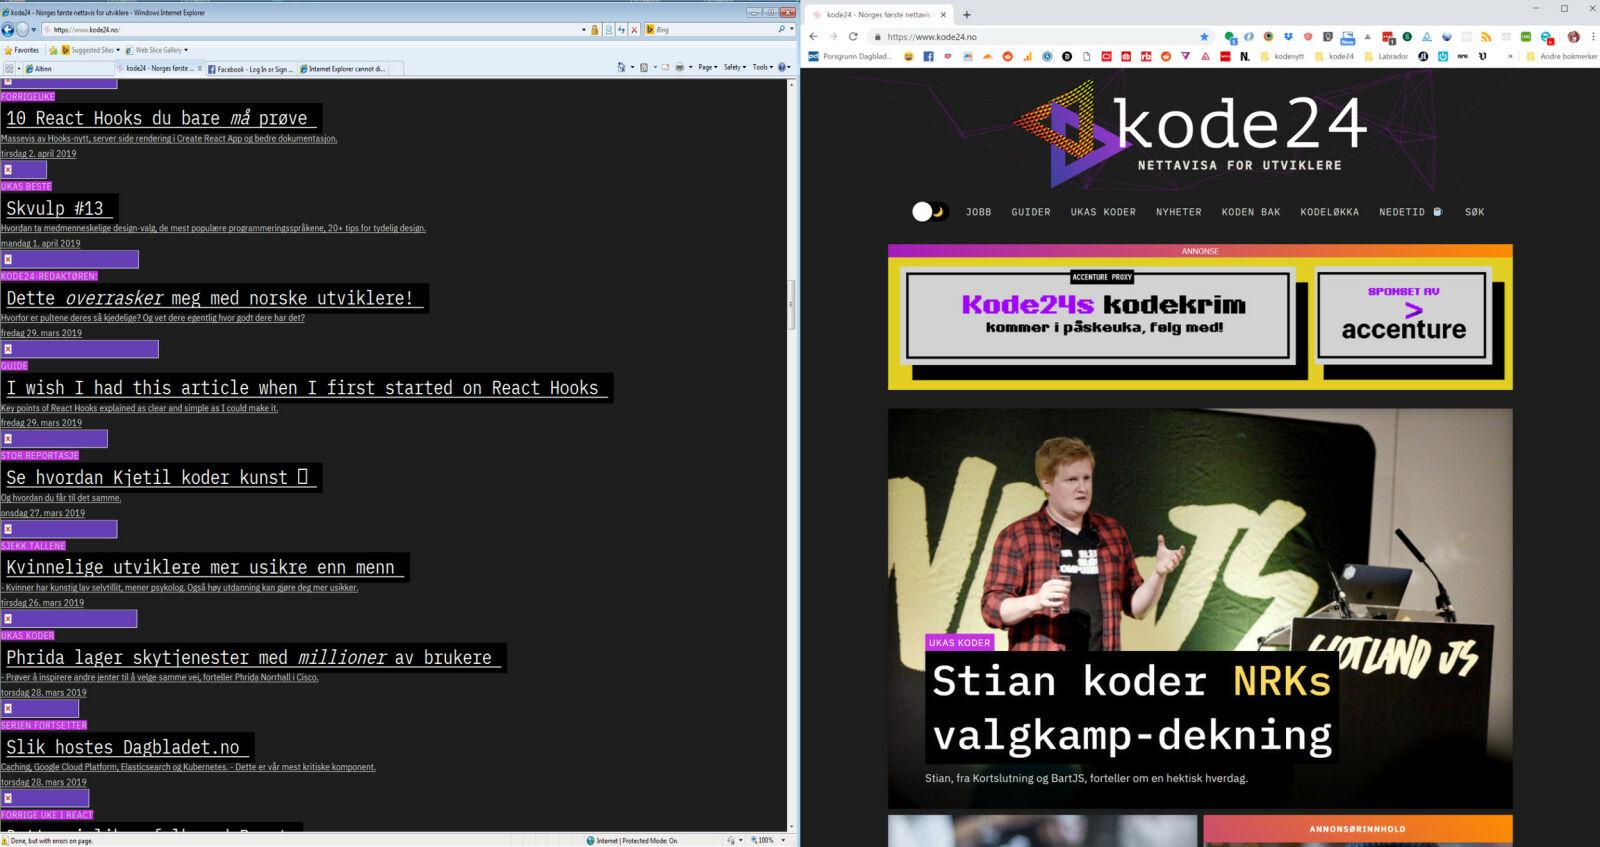 kode24.no i Internet Explorer 8 til venstre. Vi stiler mot HTML5-tagger, slik som <article>, noe CSS-parseren til Internet Explorer 8 ignorerer. 📸: Jørgen Jacobsen